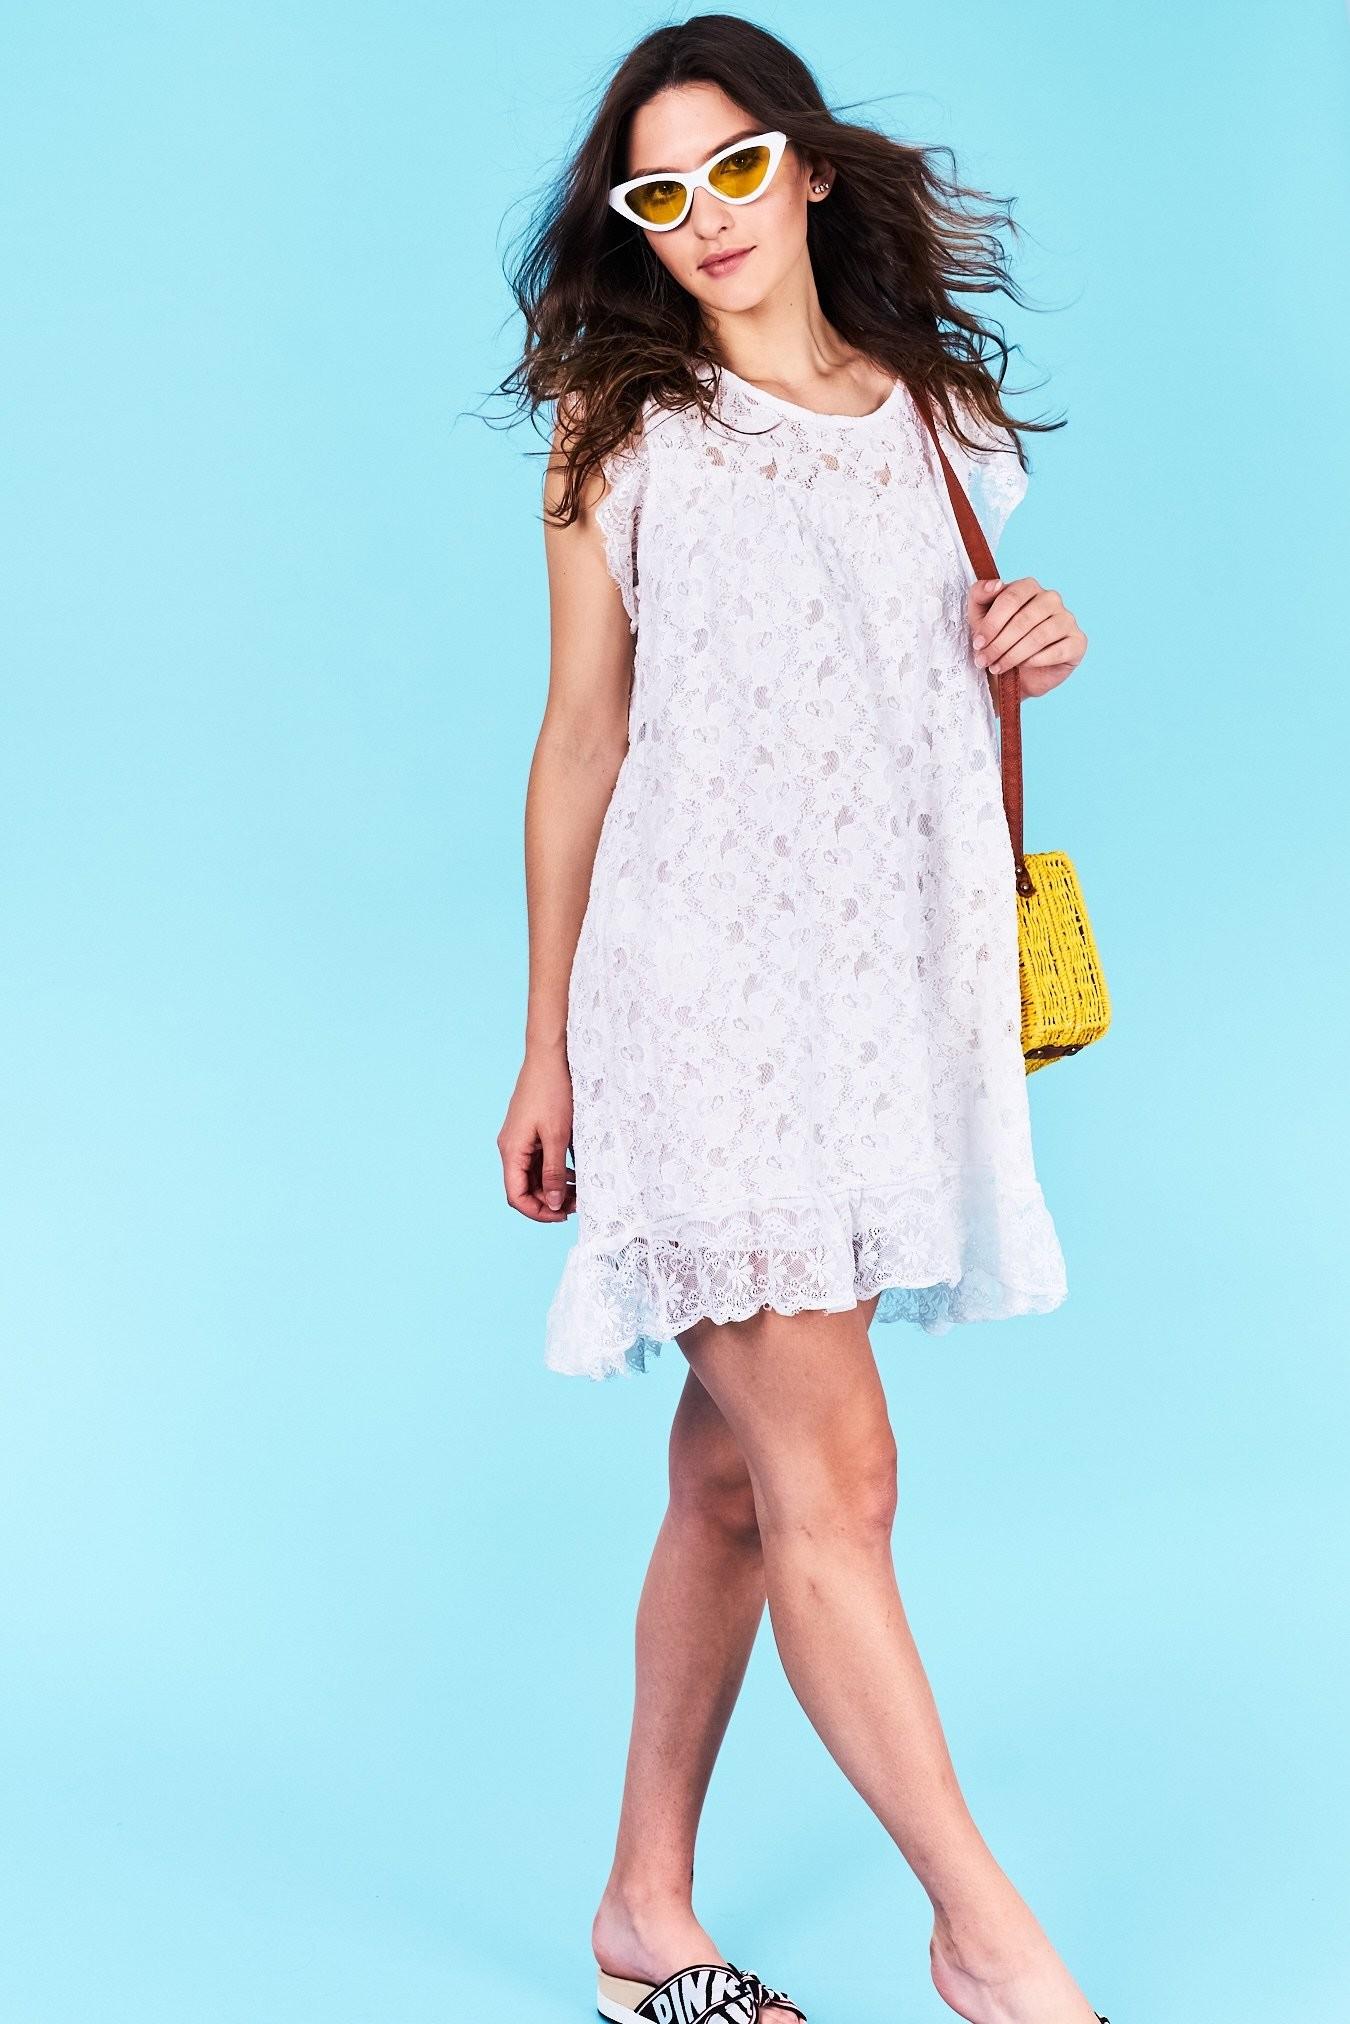 29a7e80c63e6 Dámske šaty biele Lyla Veľkosť UNI-verzálna Vyrobené z príjemného  materiálu. Pohodlné šaty